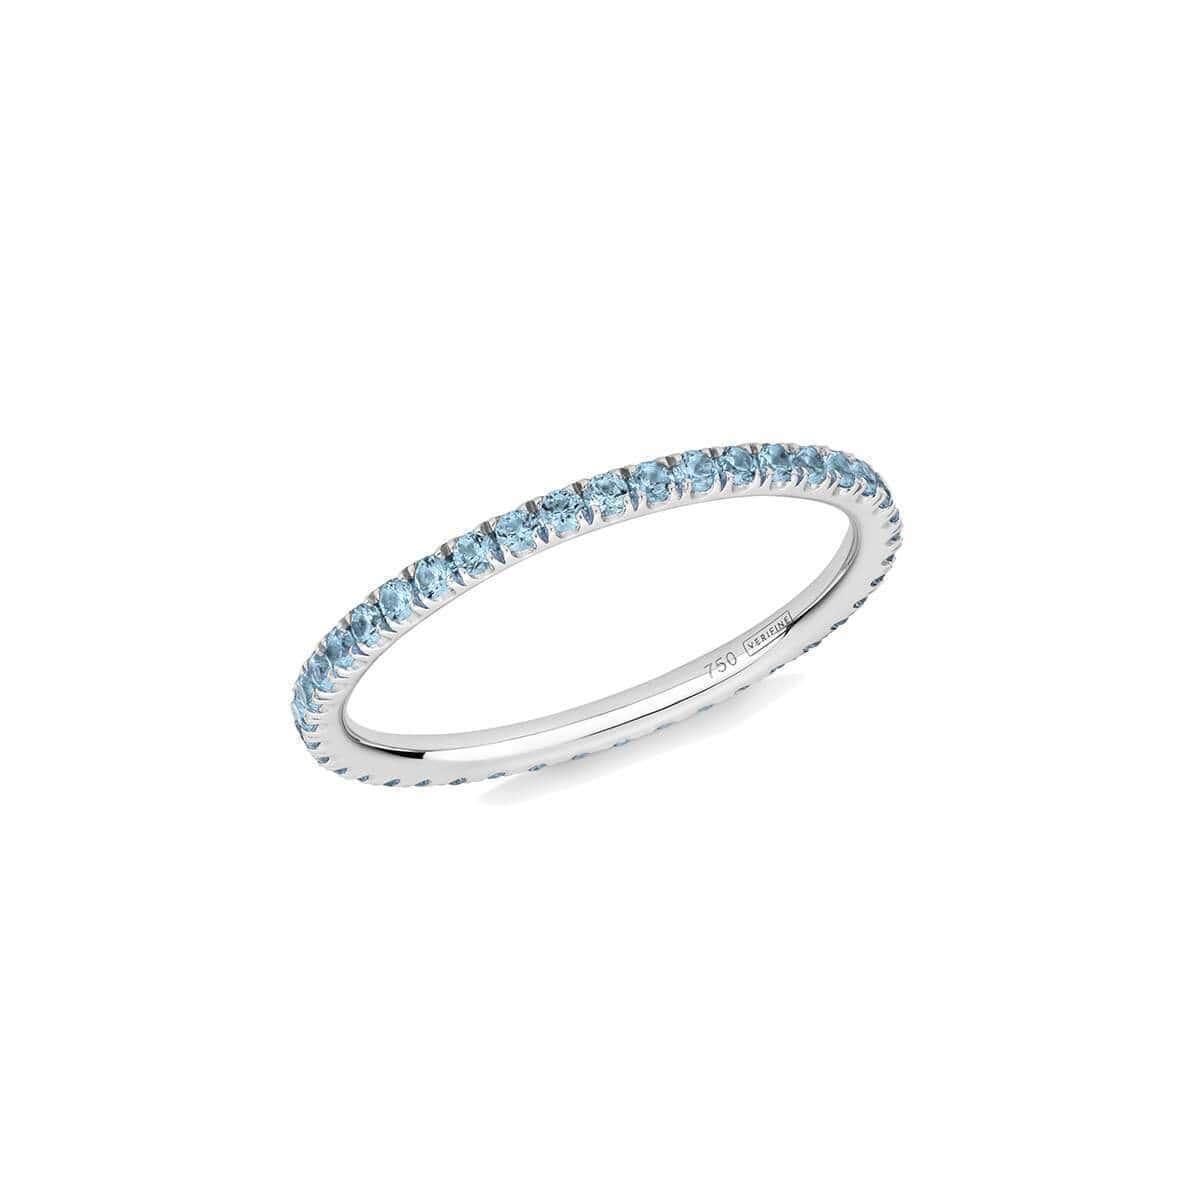 Blue Topaz Full Eternity Ring In 18kt White Gold